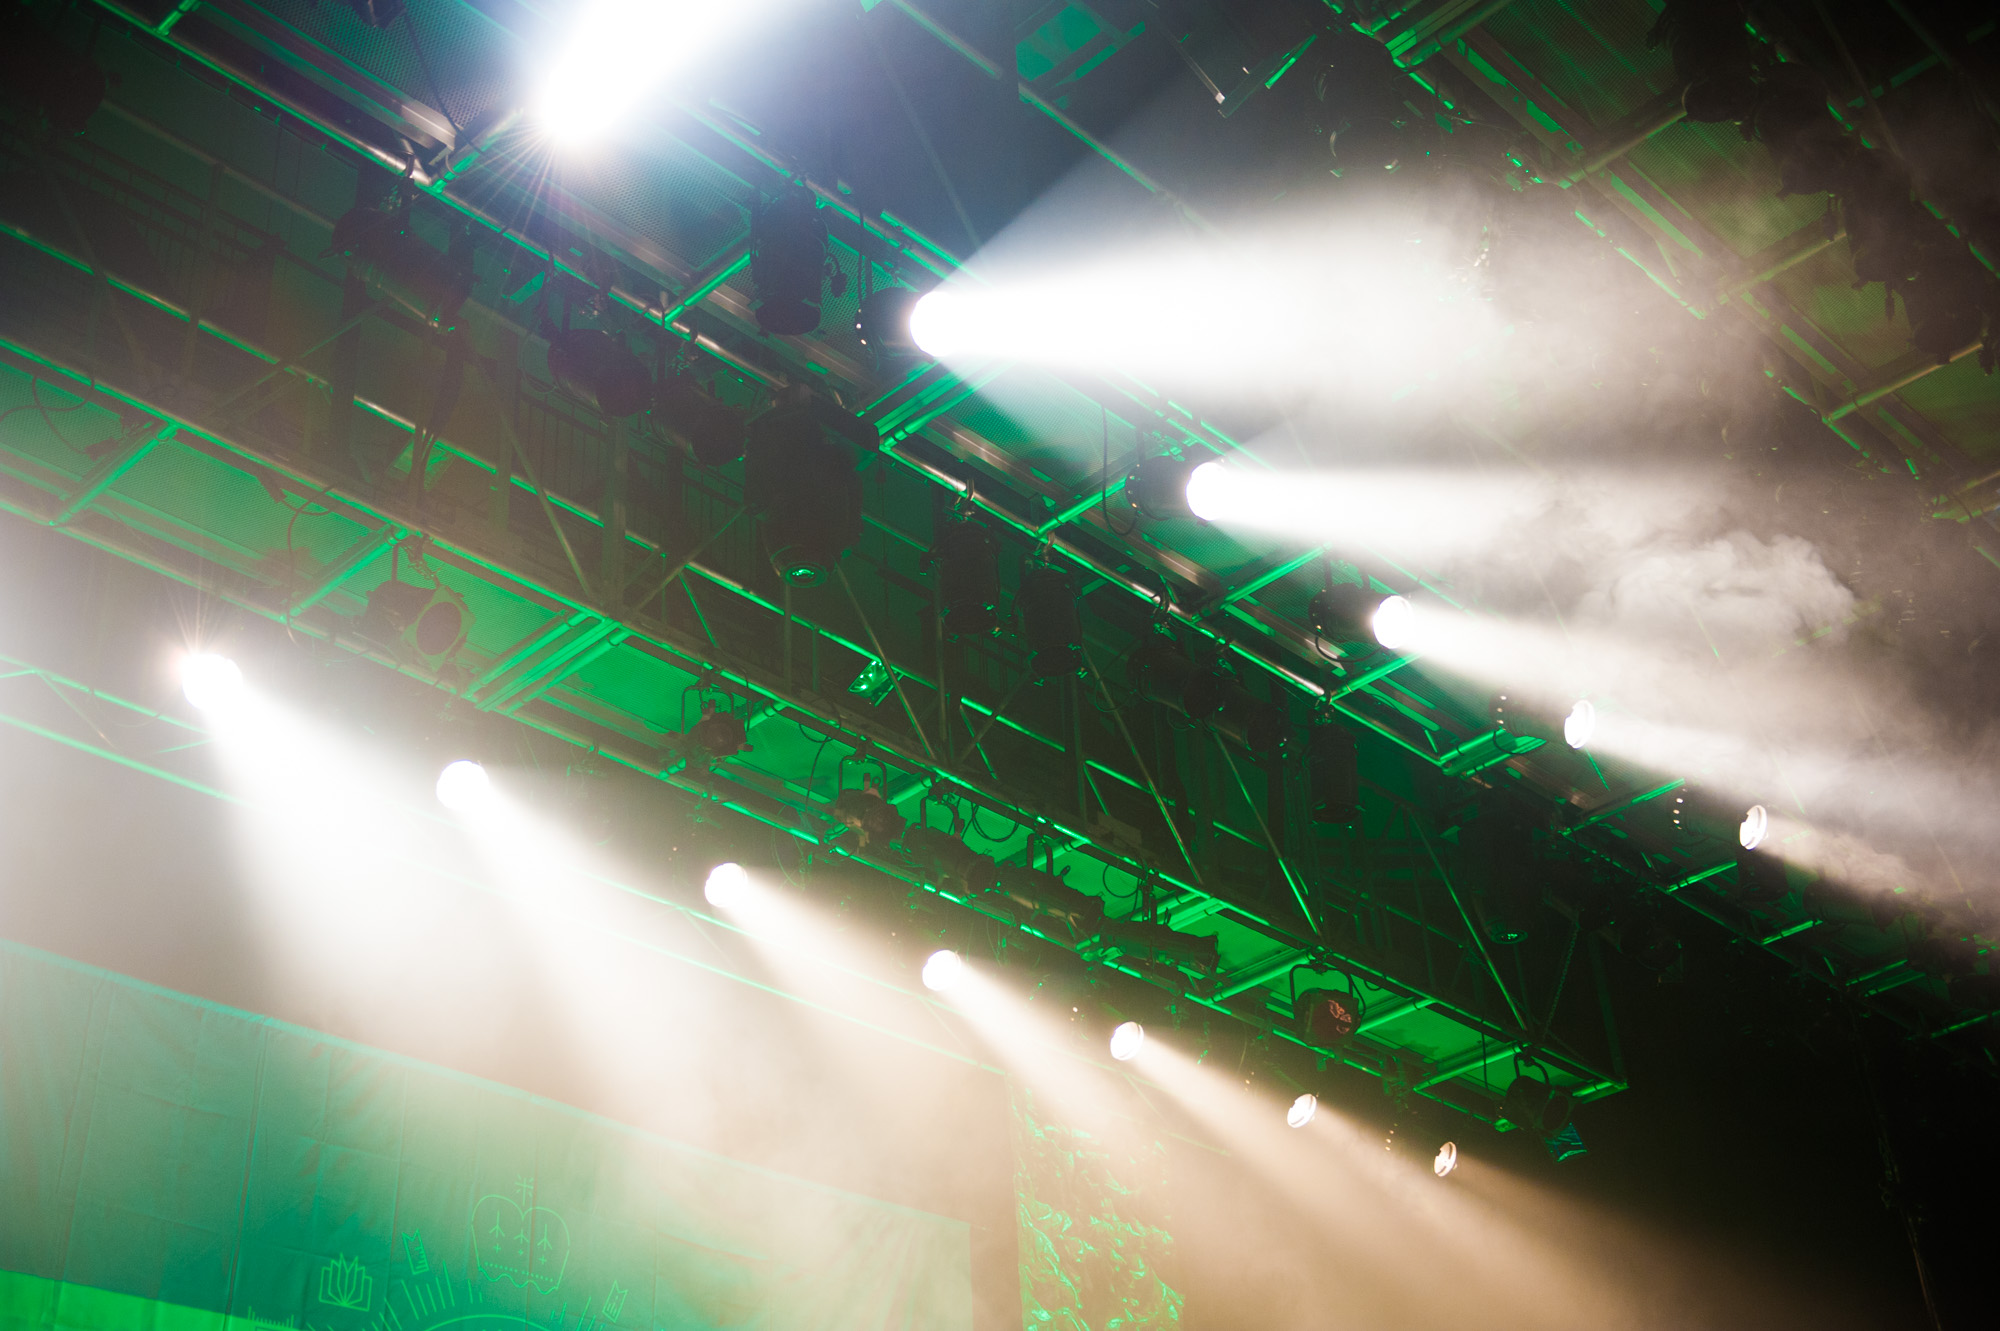 舞台を演出するライト